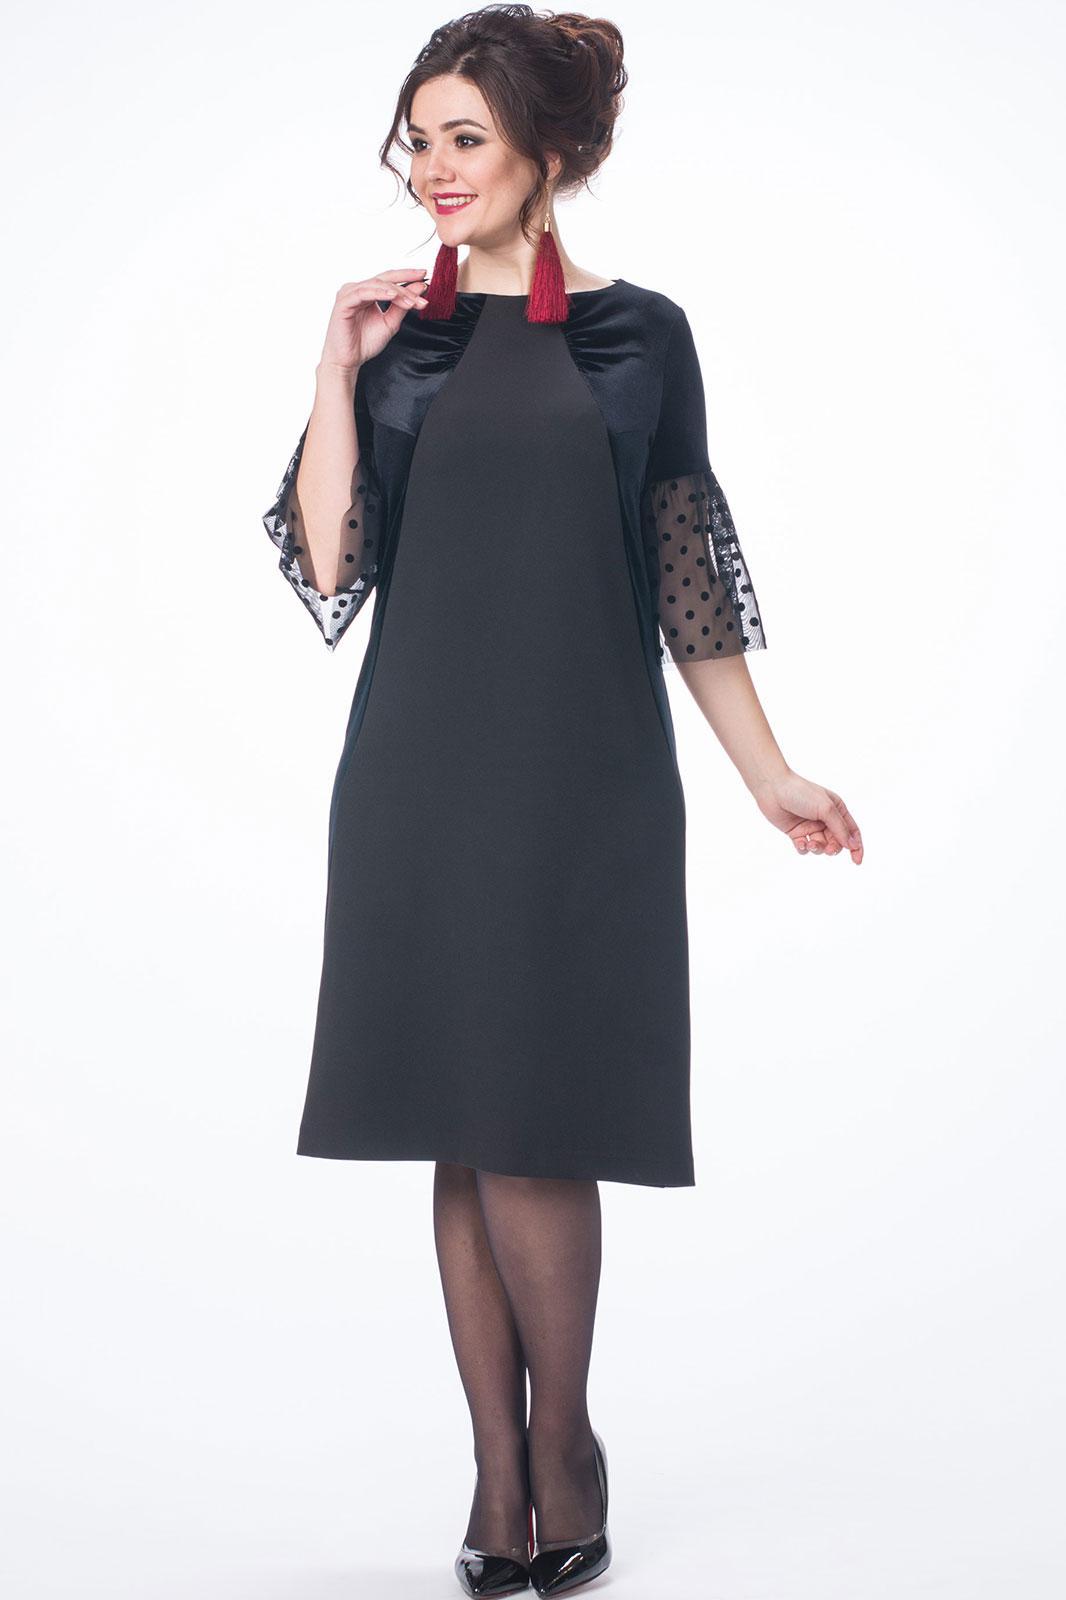 ba540a606da9 Платье Melissena, чёрный (модель 845) — Белорусский трикотаж в ...